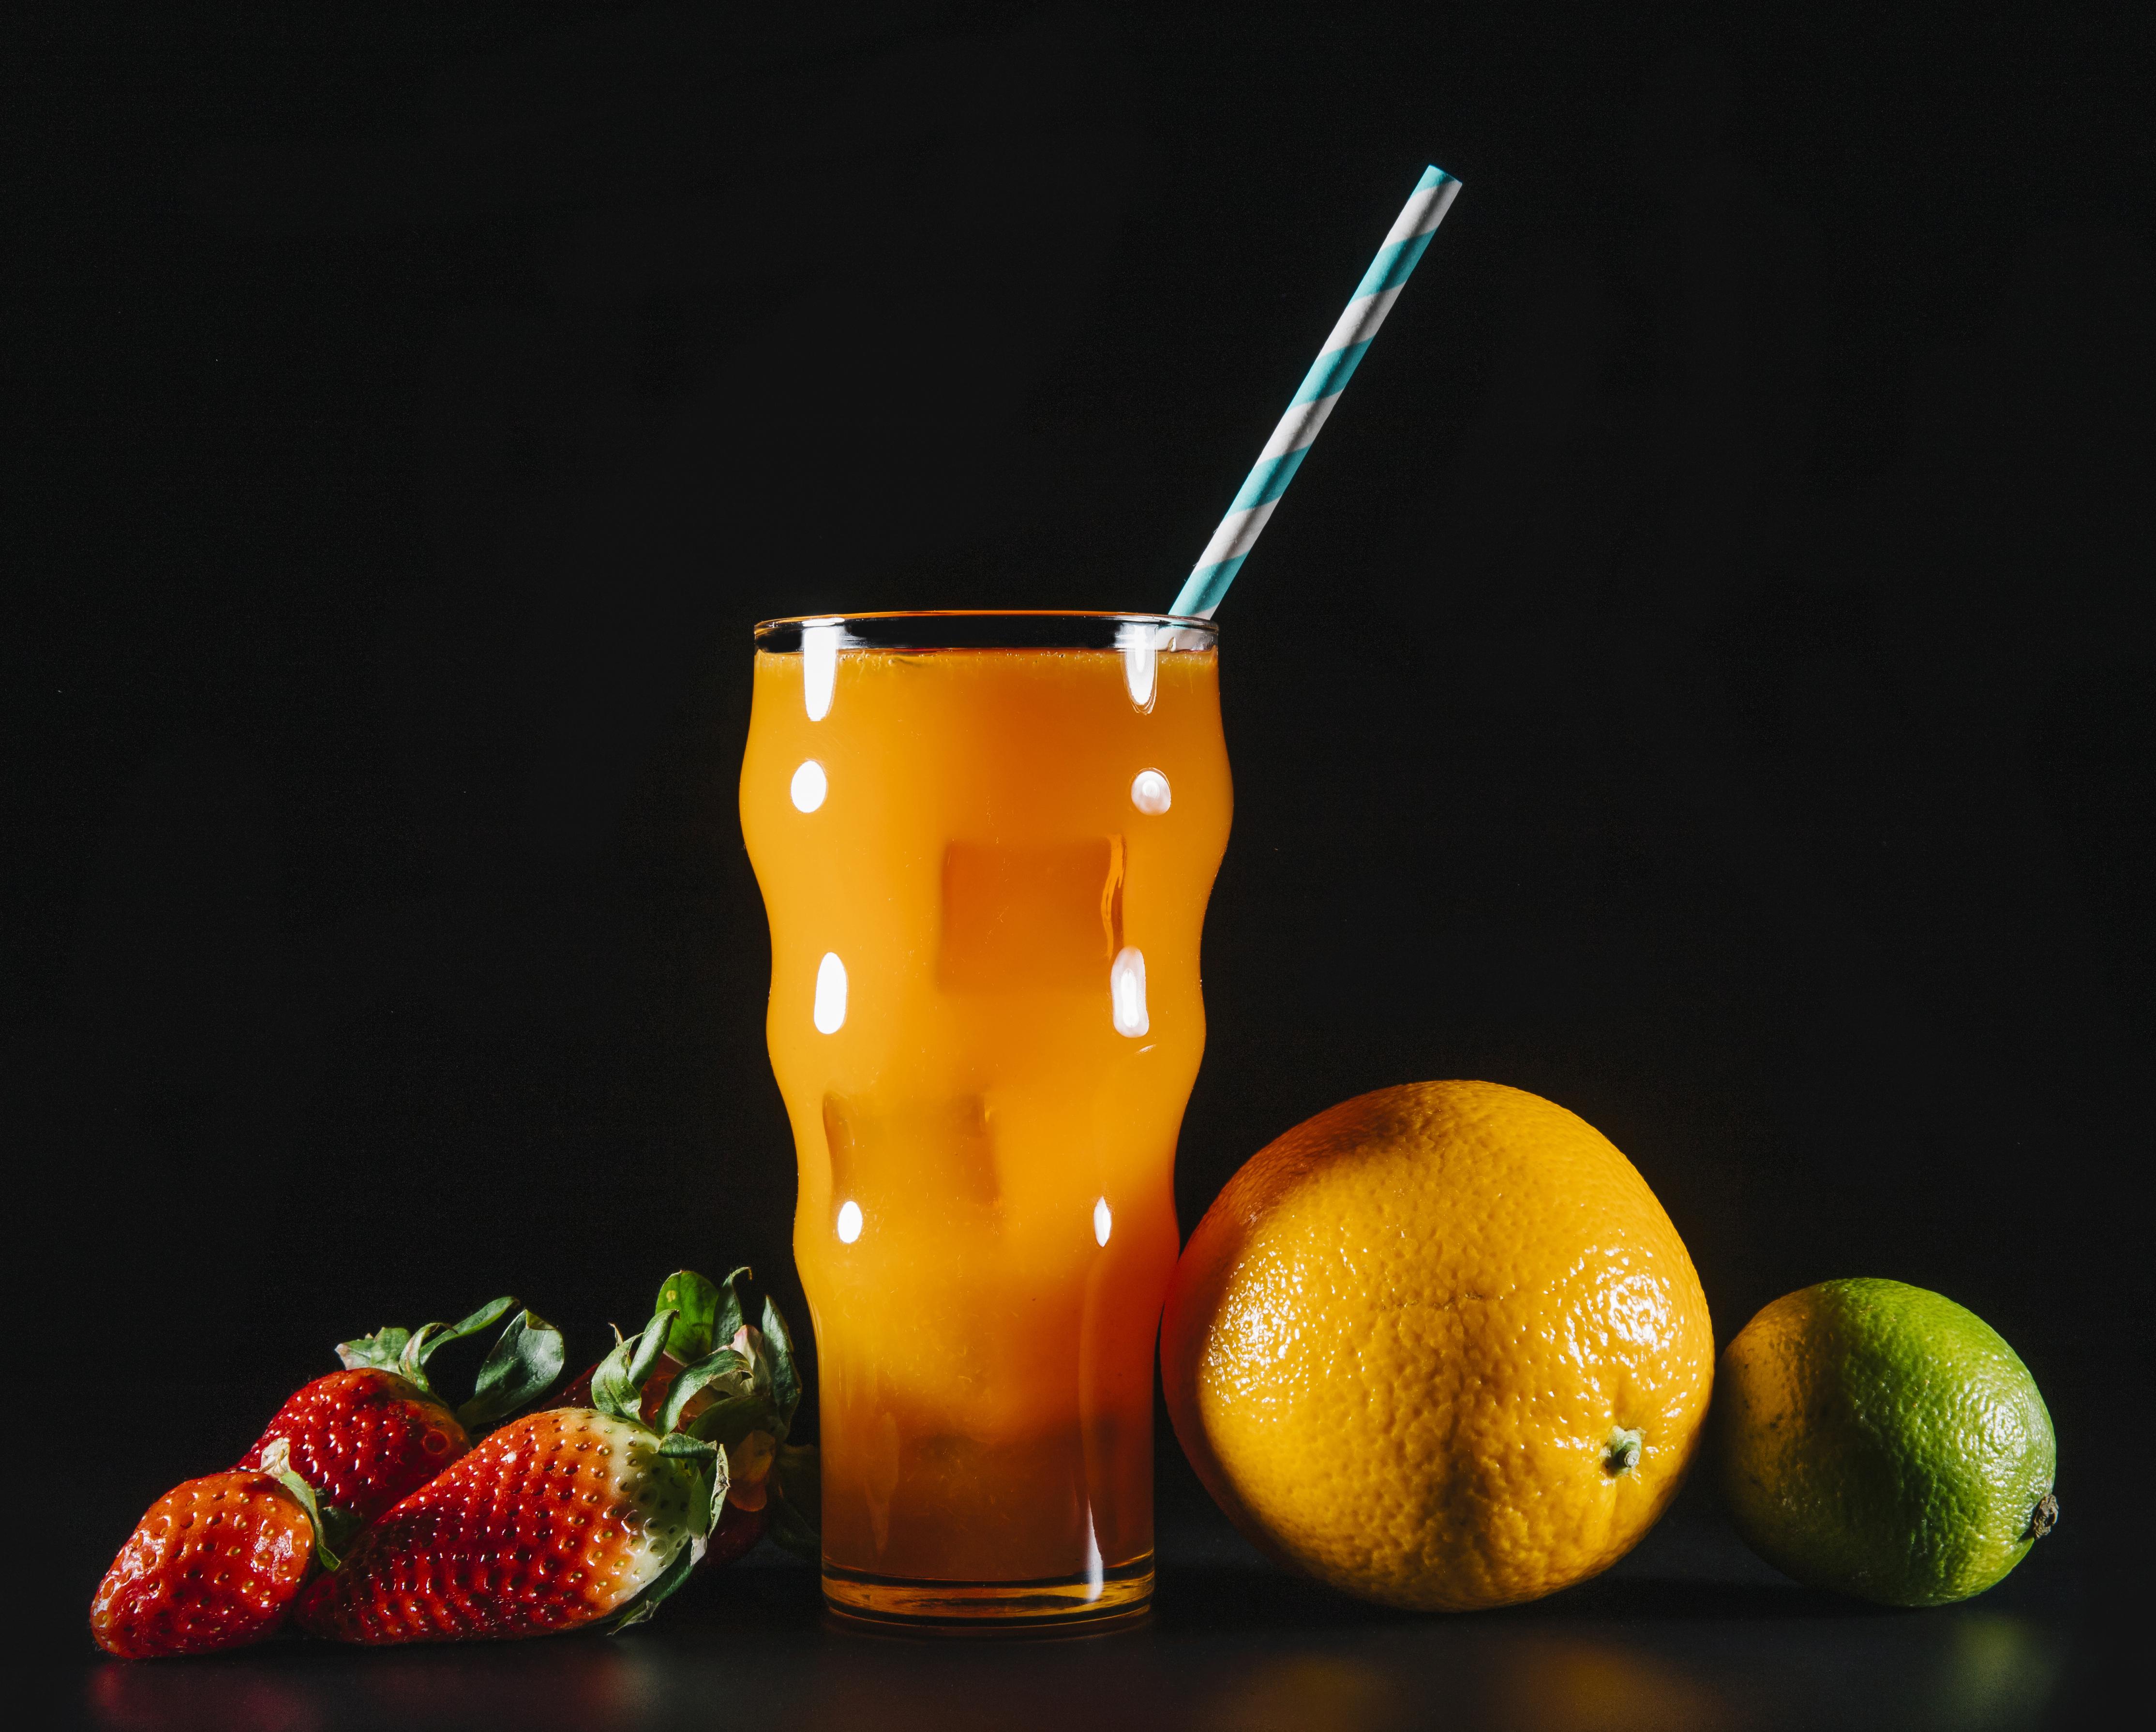 Фотографии Сок Лайм Апельсин стакана Клубника Еда на черном фоне Стакан стакане Пища Продукты питания Черный фон